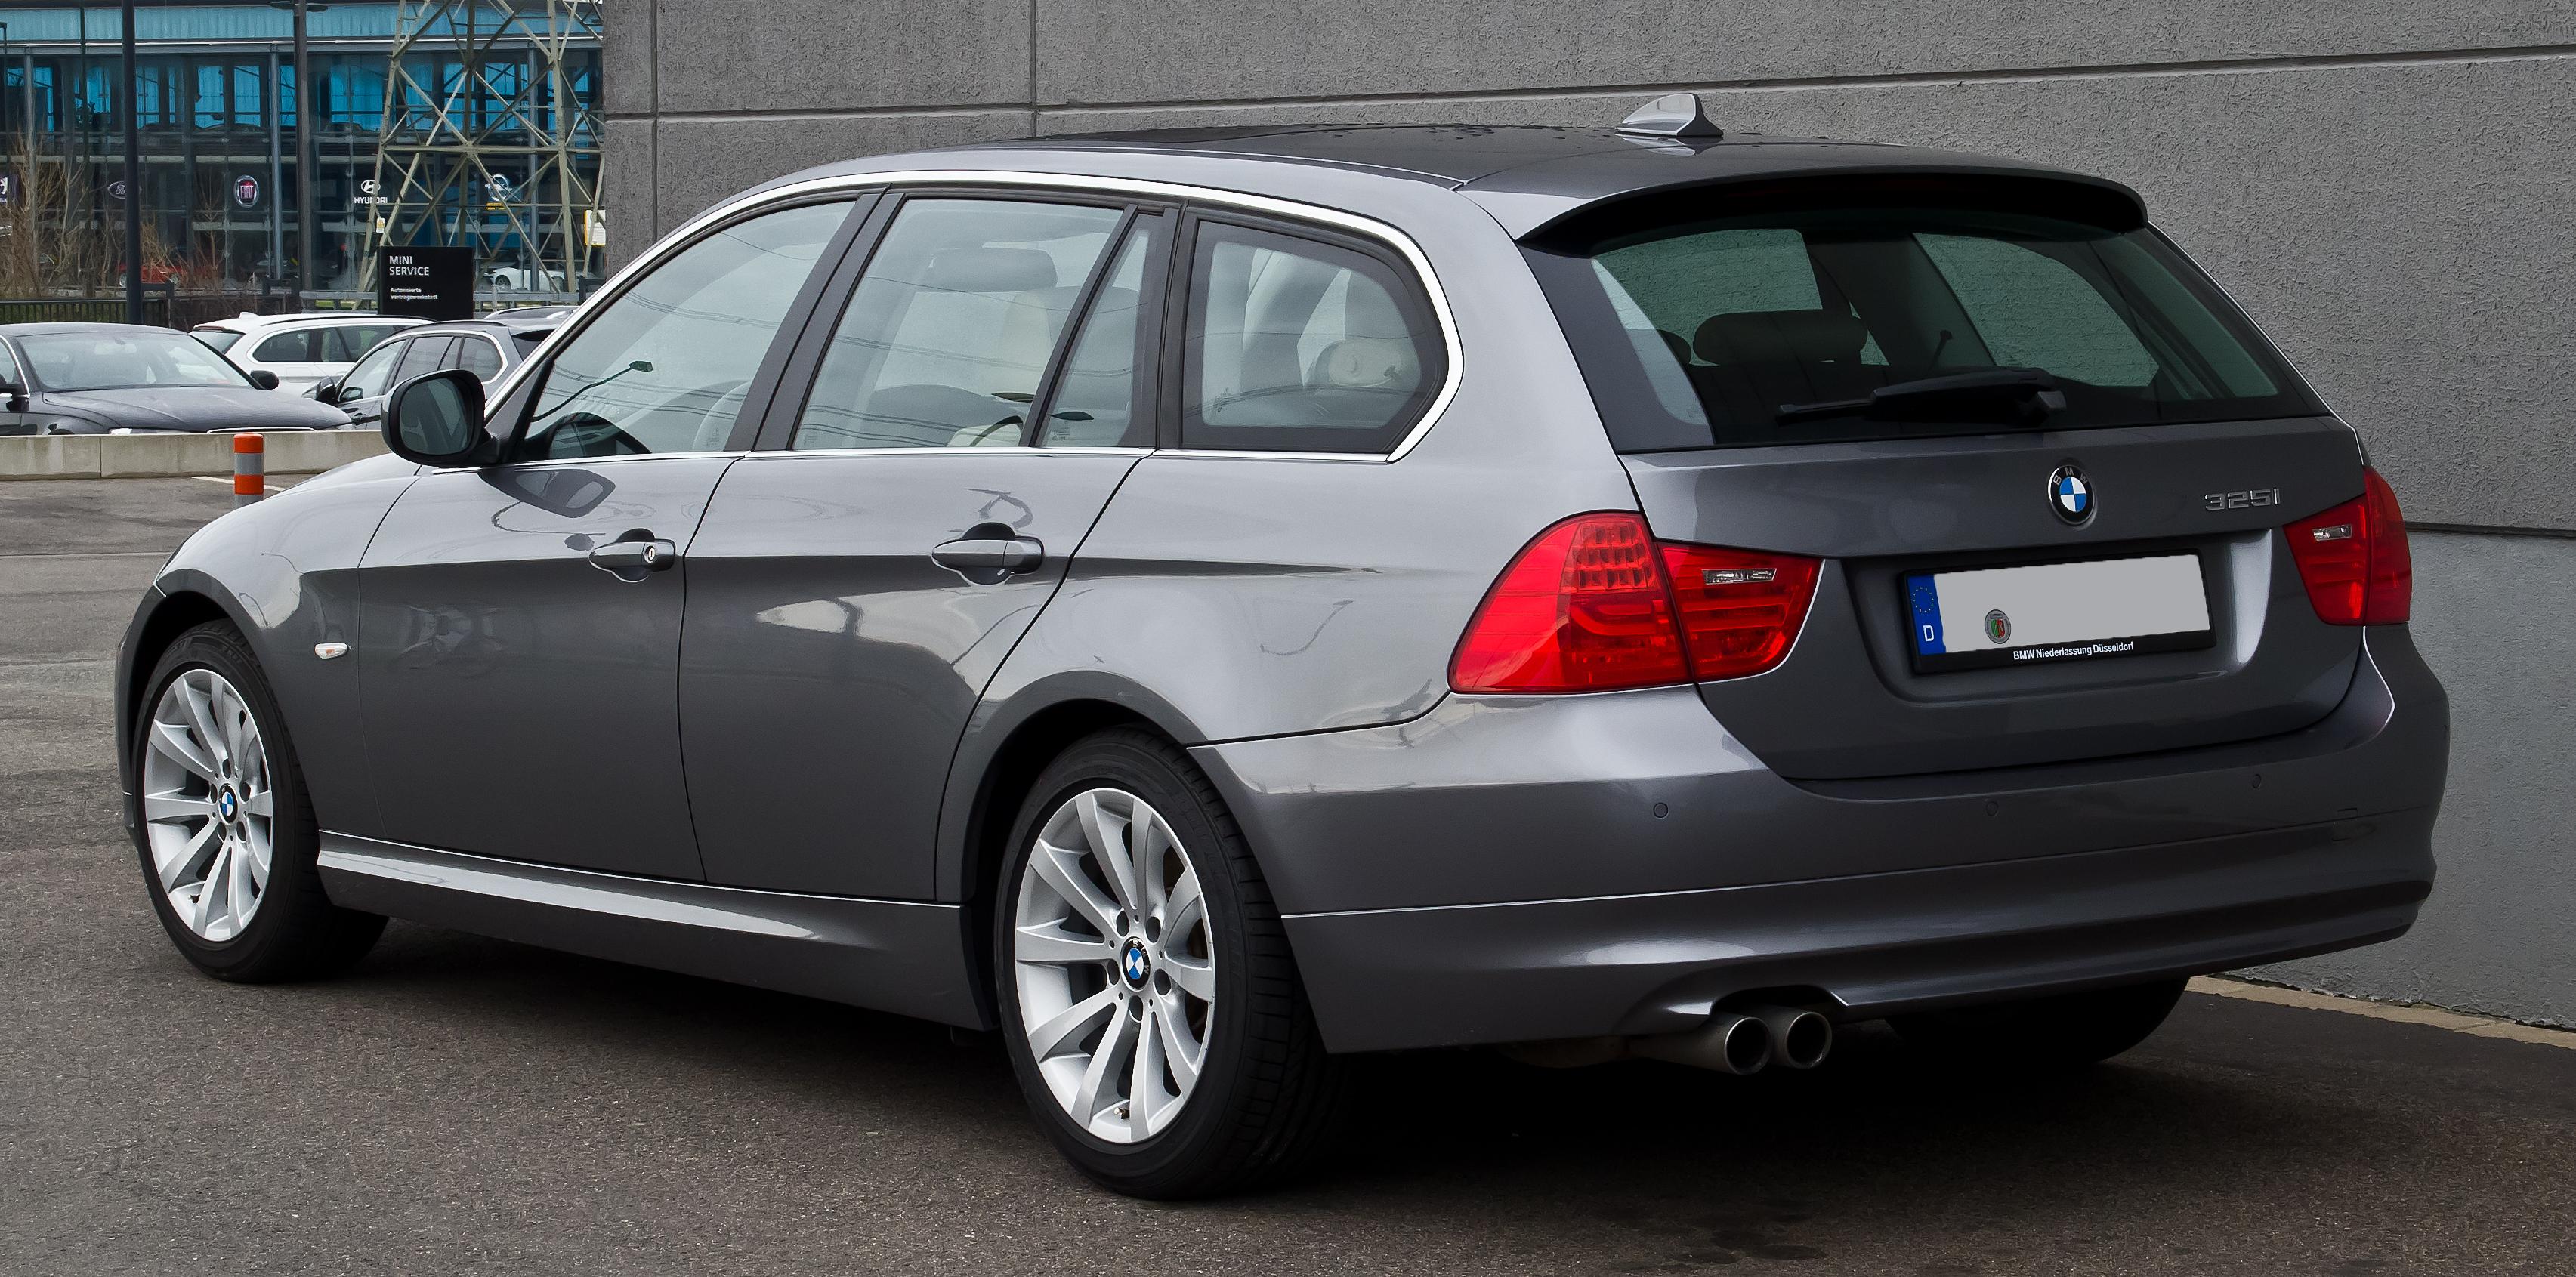 Bmw E90 Wiki >> File:BMW 325i Touring (E91, Facelift) – Heckansicht, 26. Dezember 2013, Düsseldorf.jpg ...